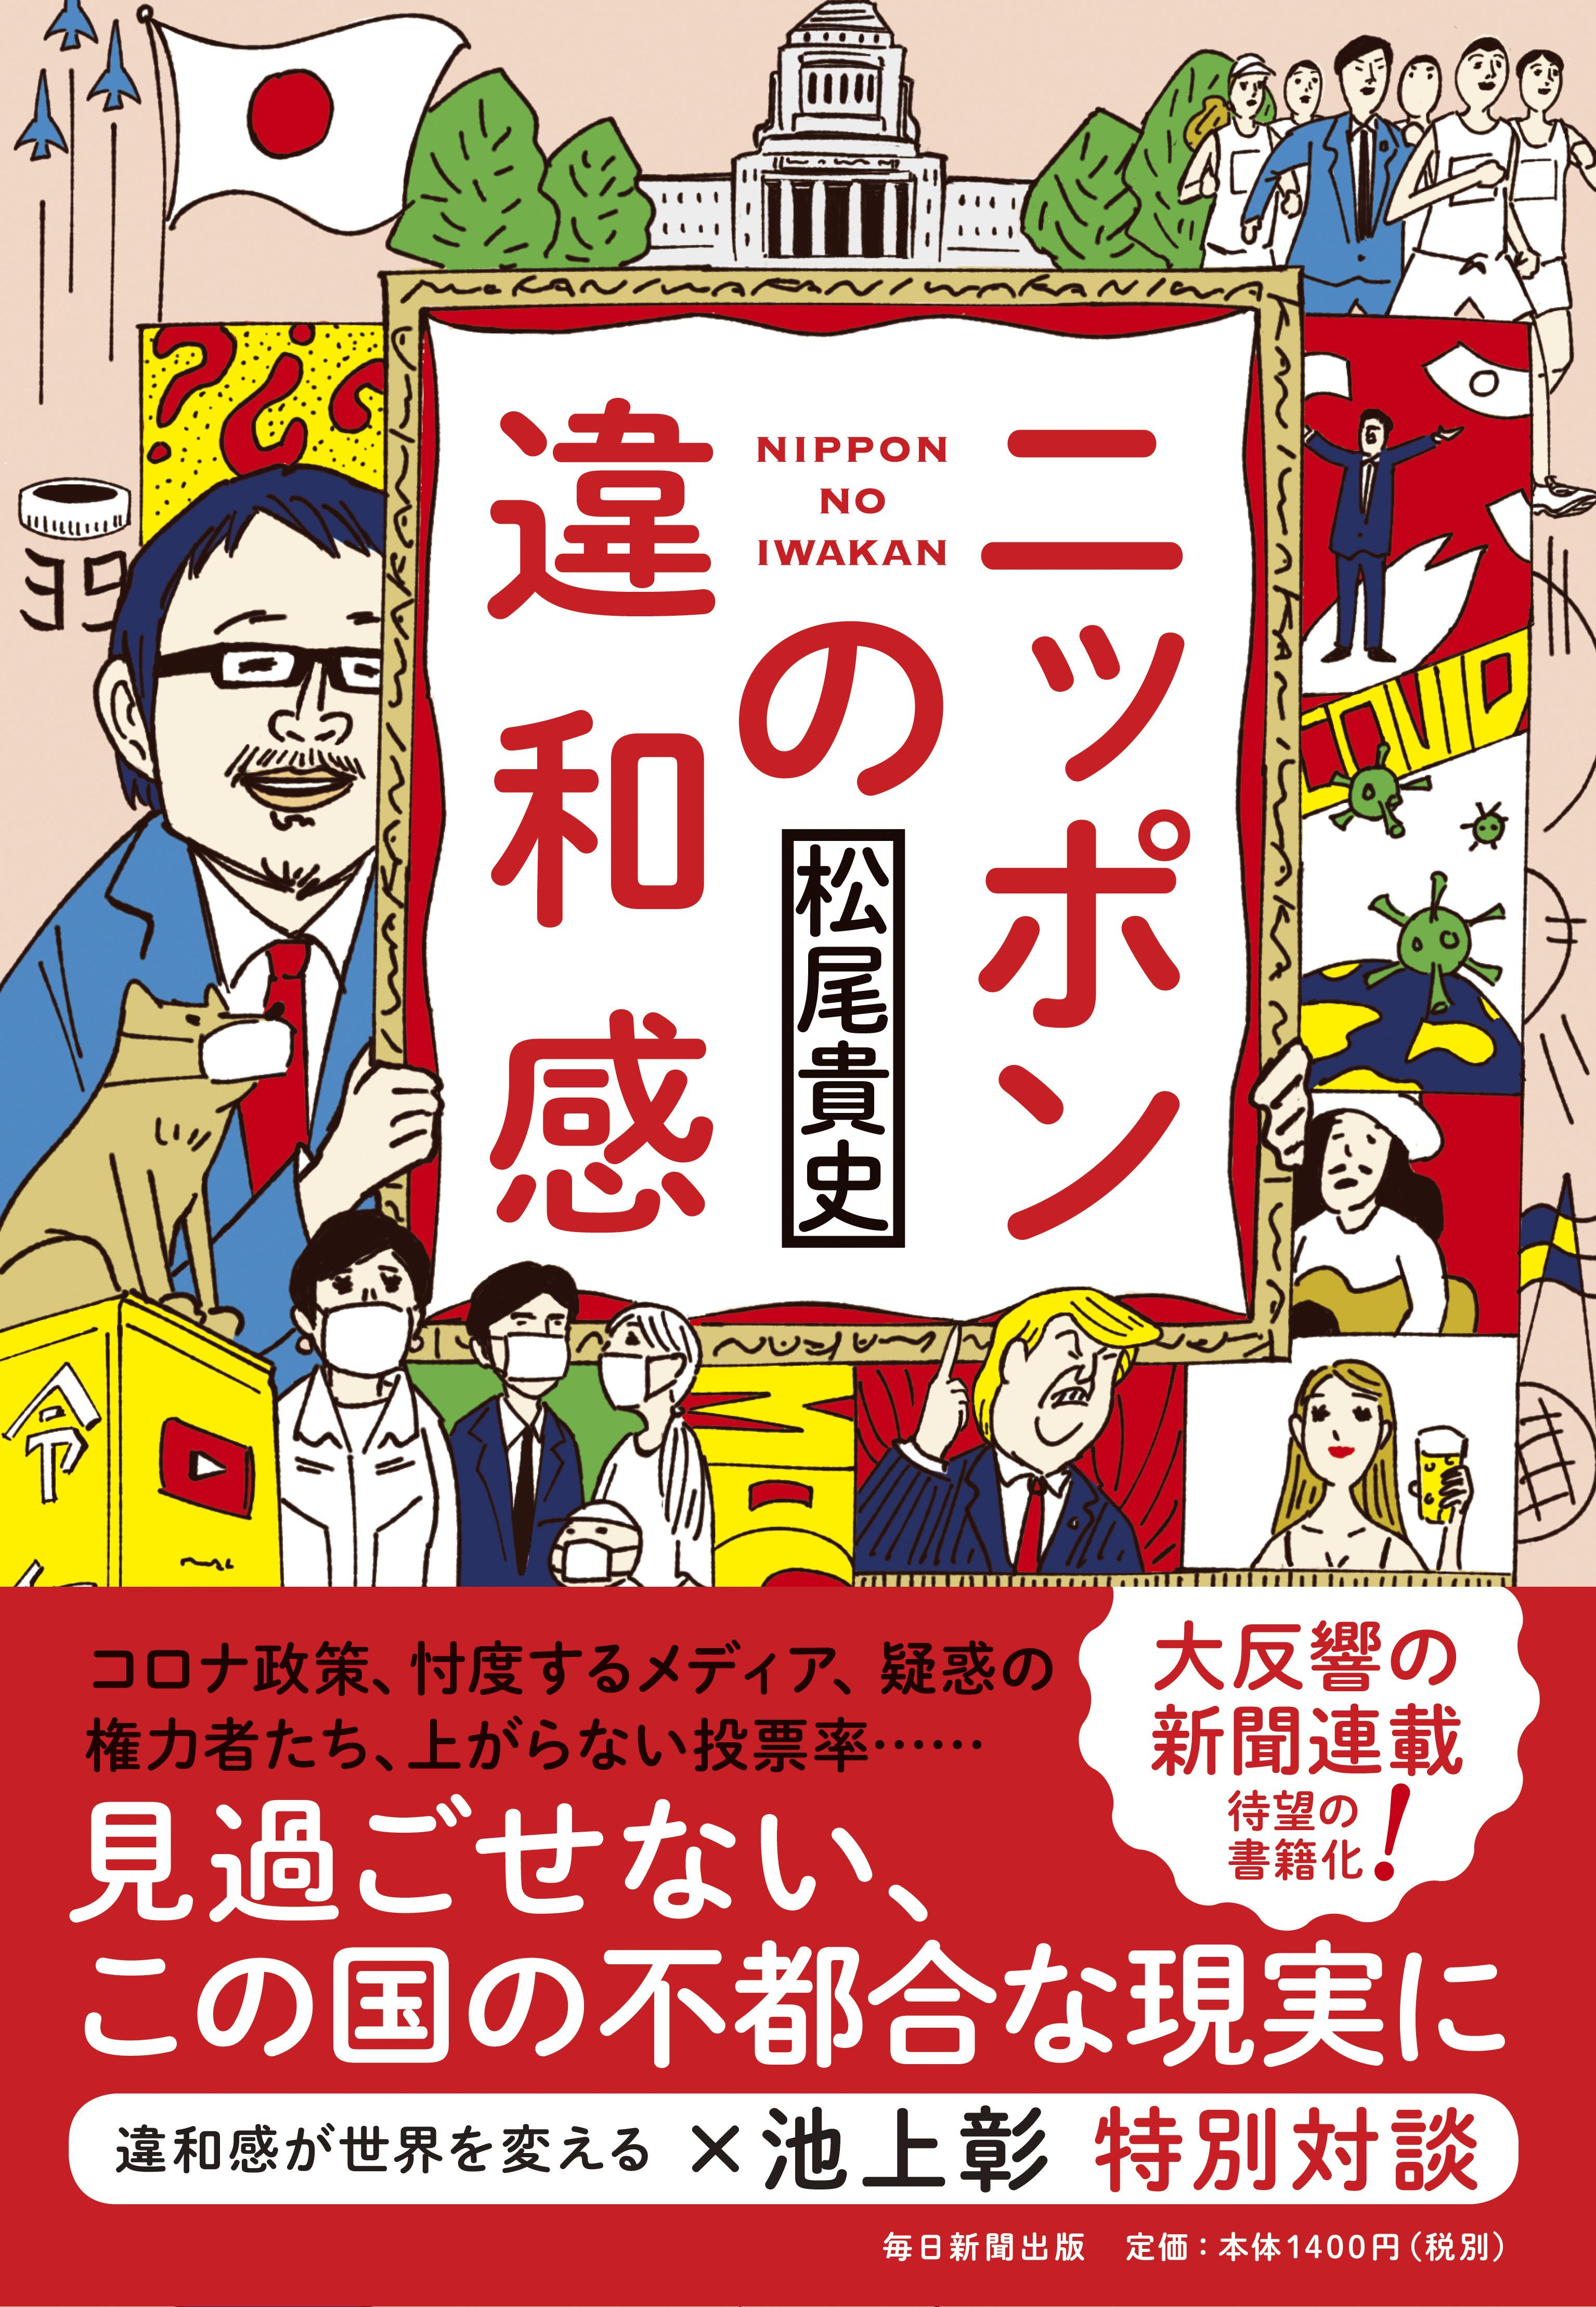 書影:ニッポンの違和感